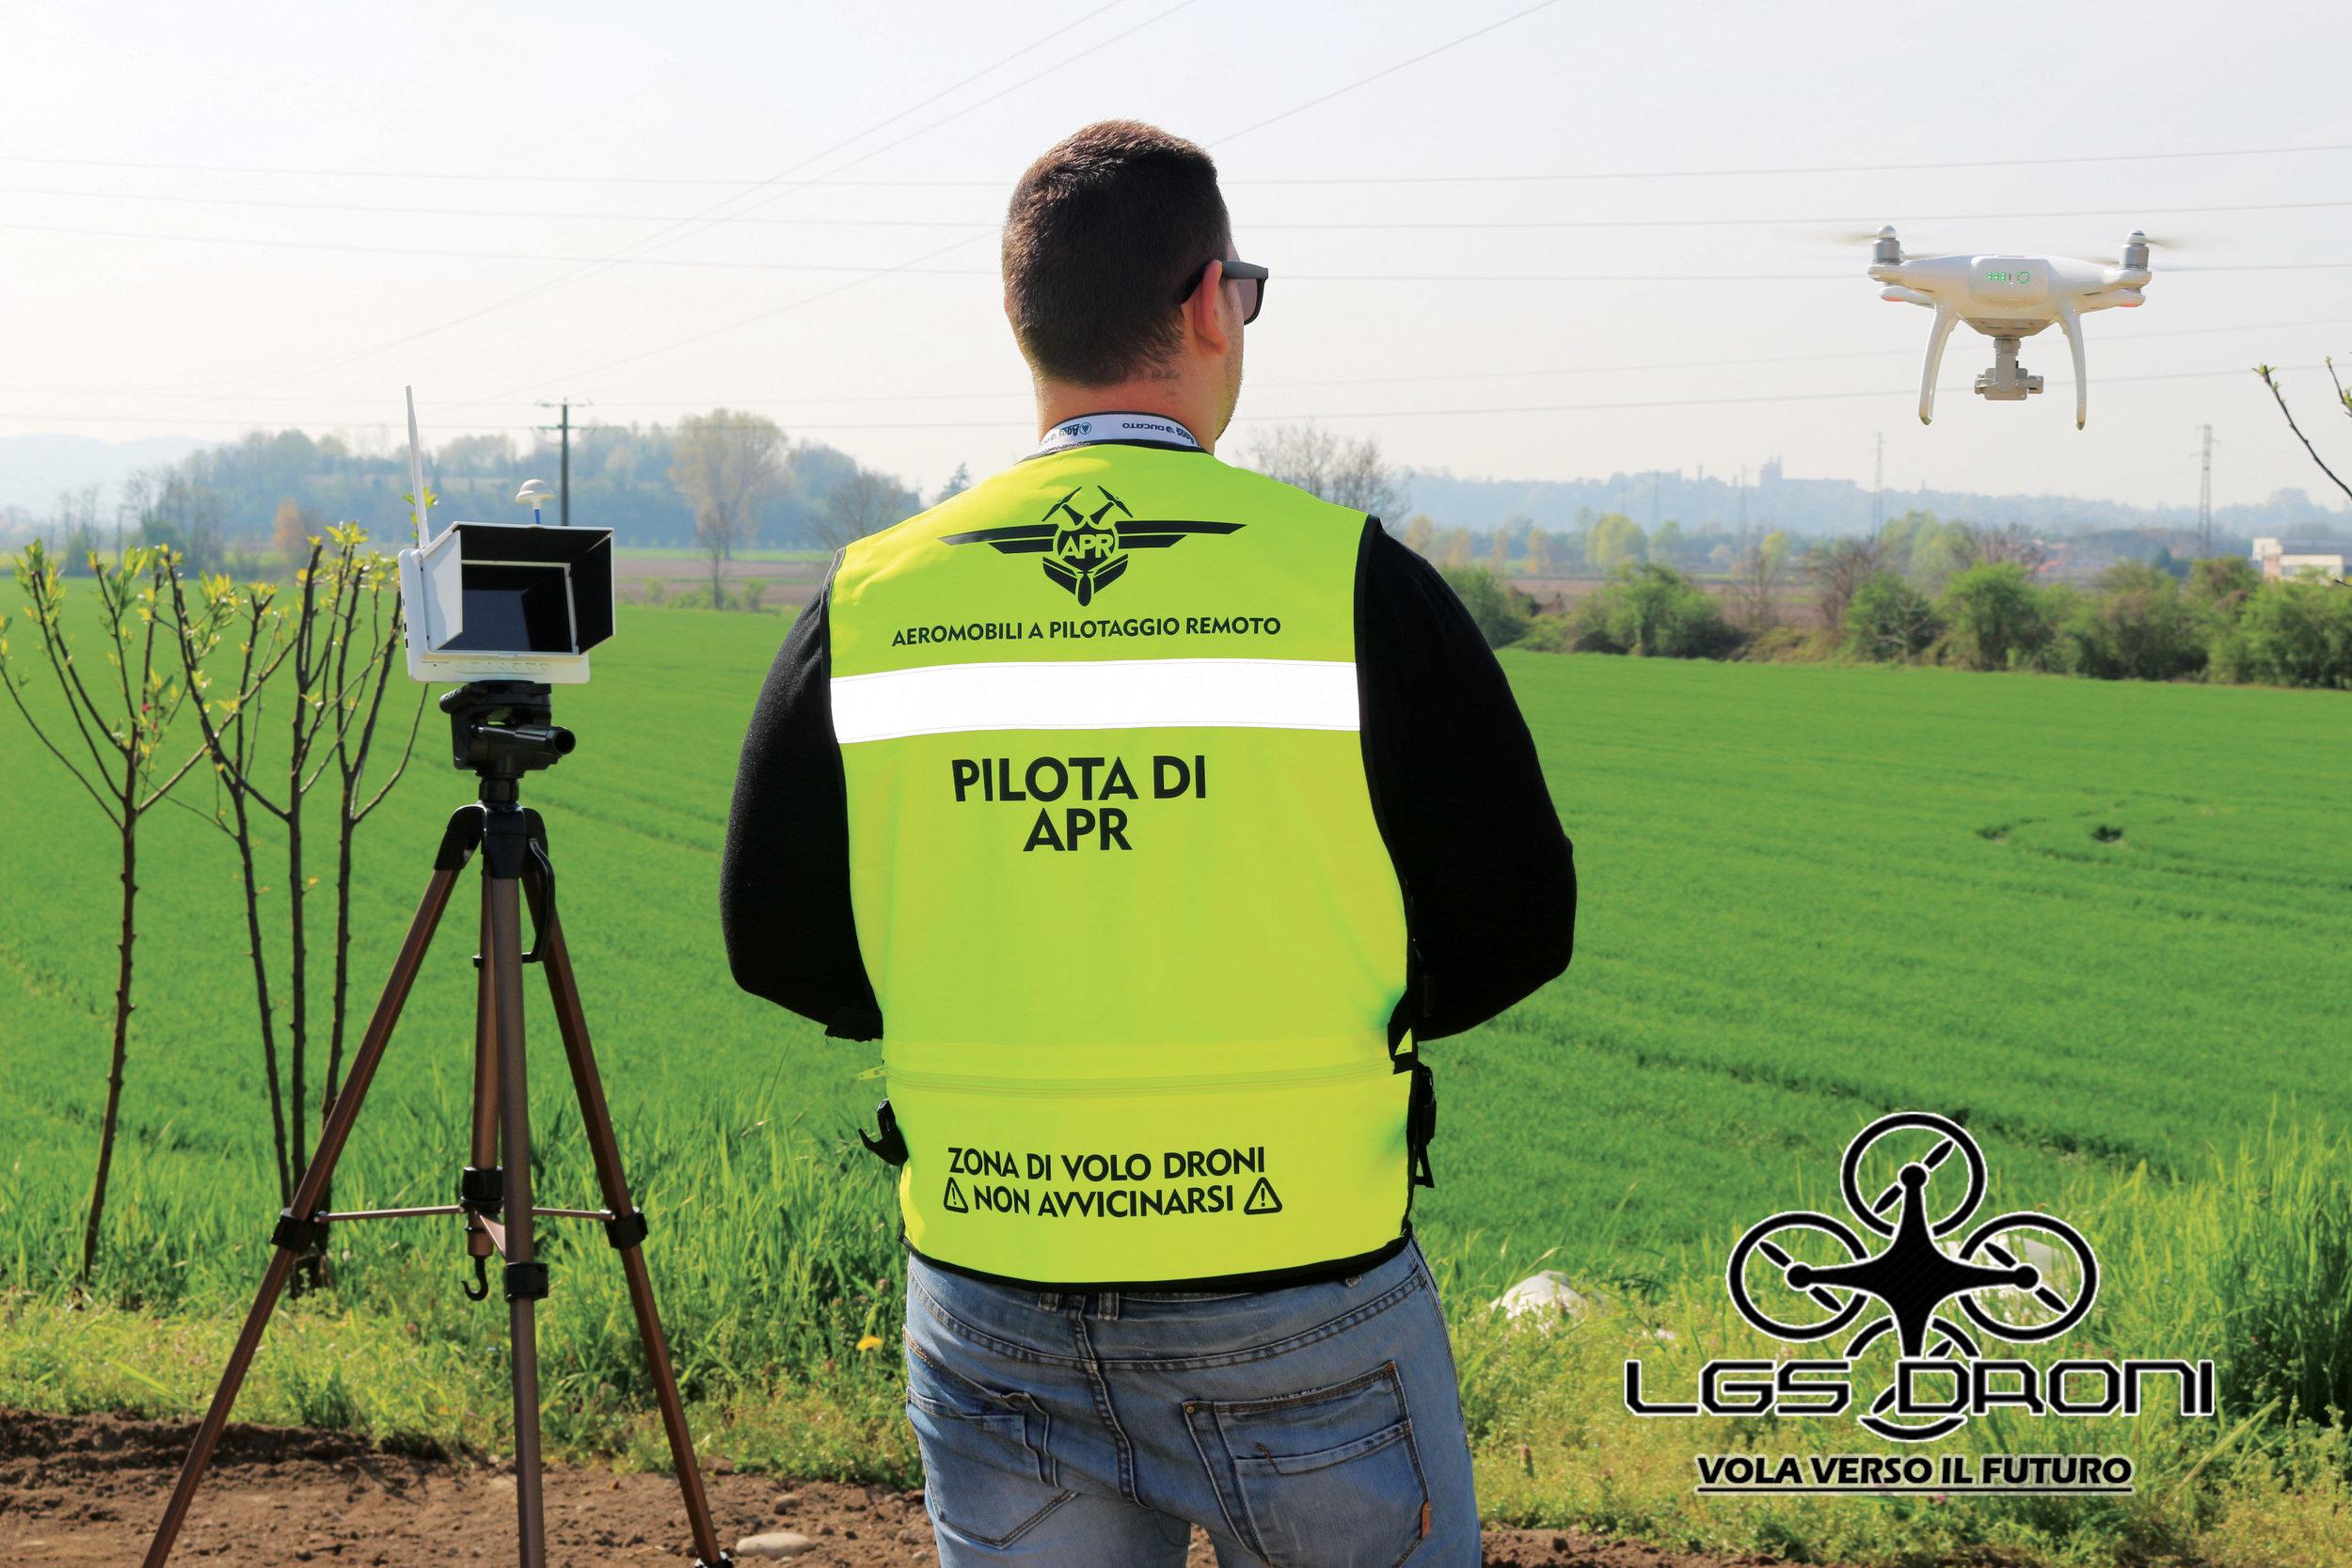 lgs droni video riprese foto dall'alto con droni bra cuneo piemonte